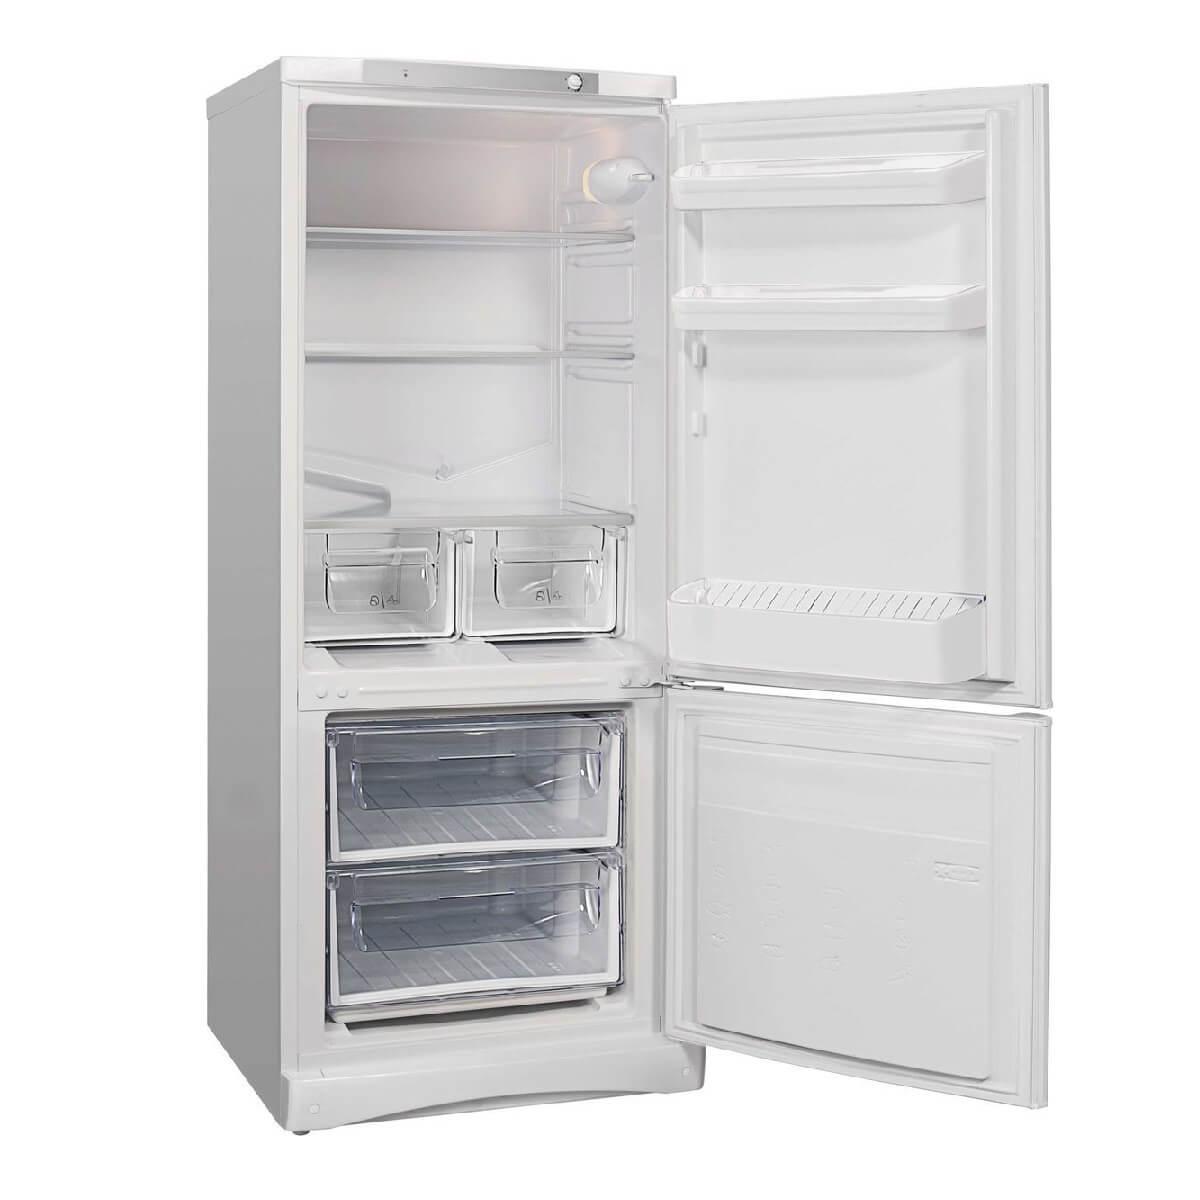 Лучшие недорогие но надежные холодильники по отзывам